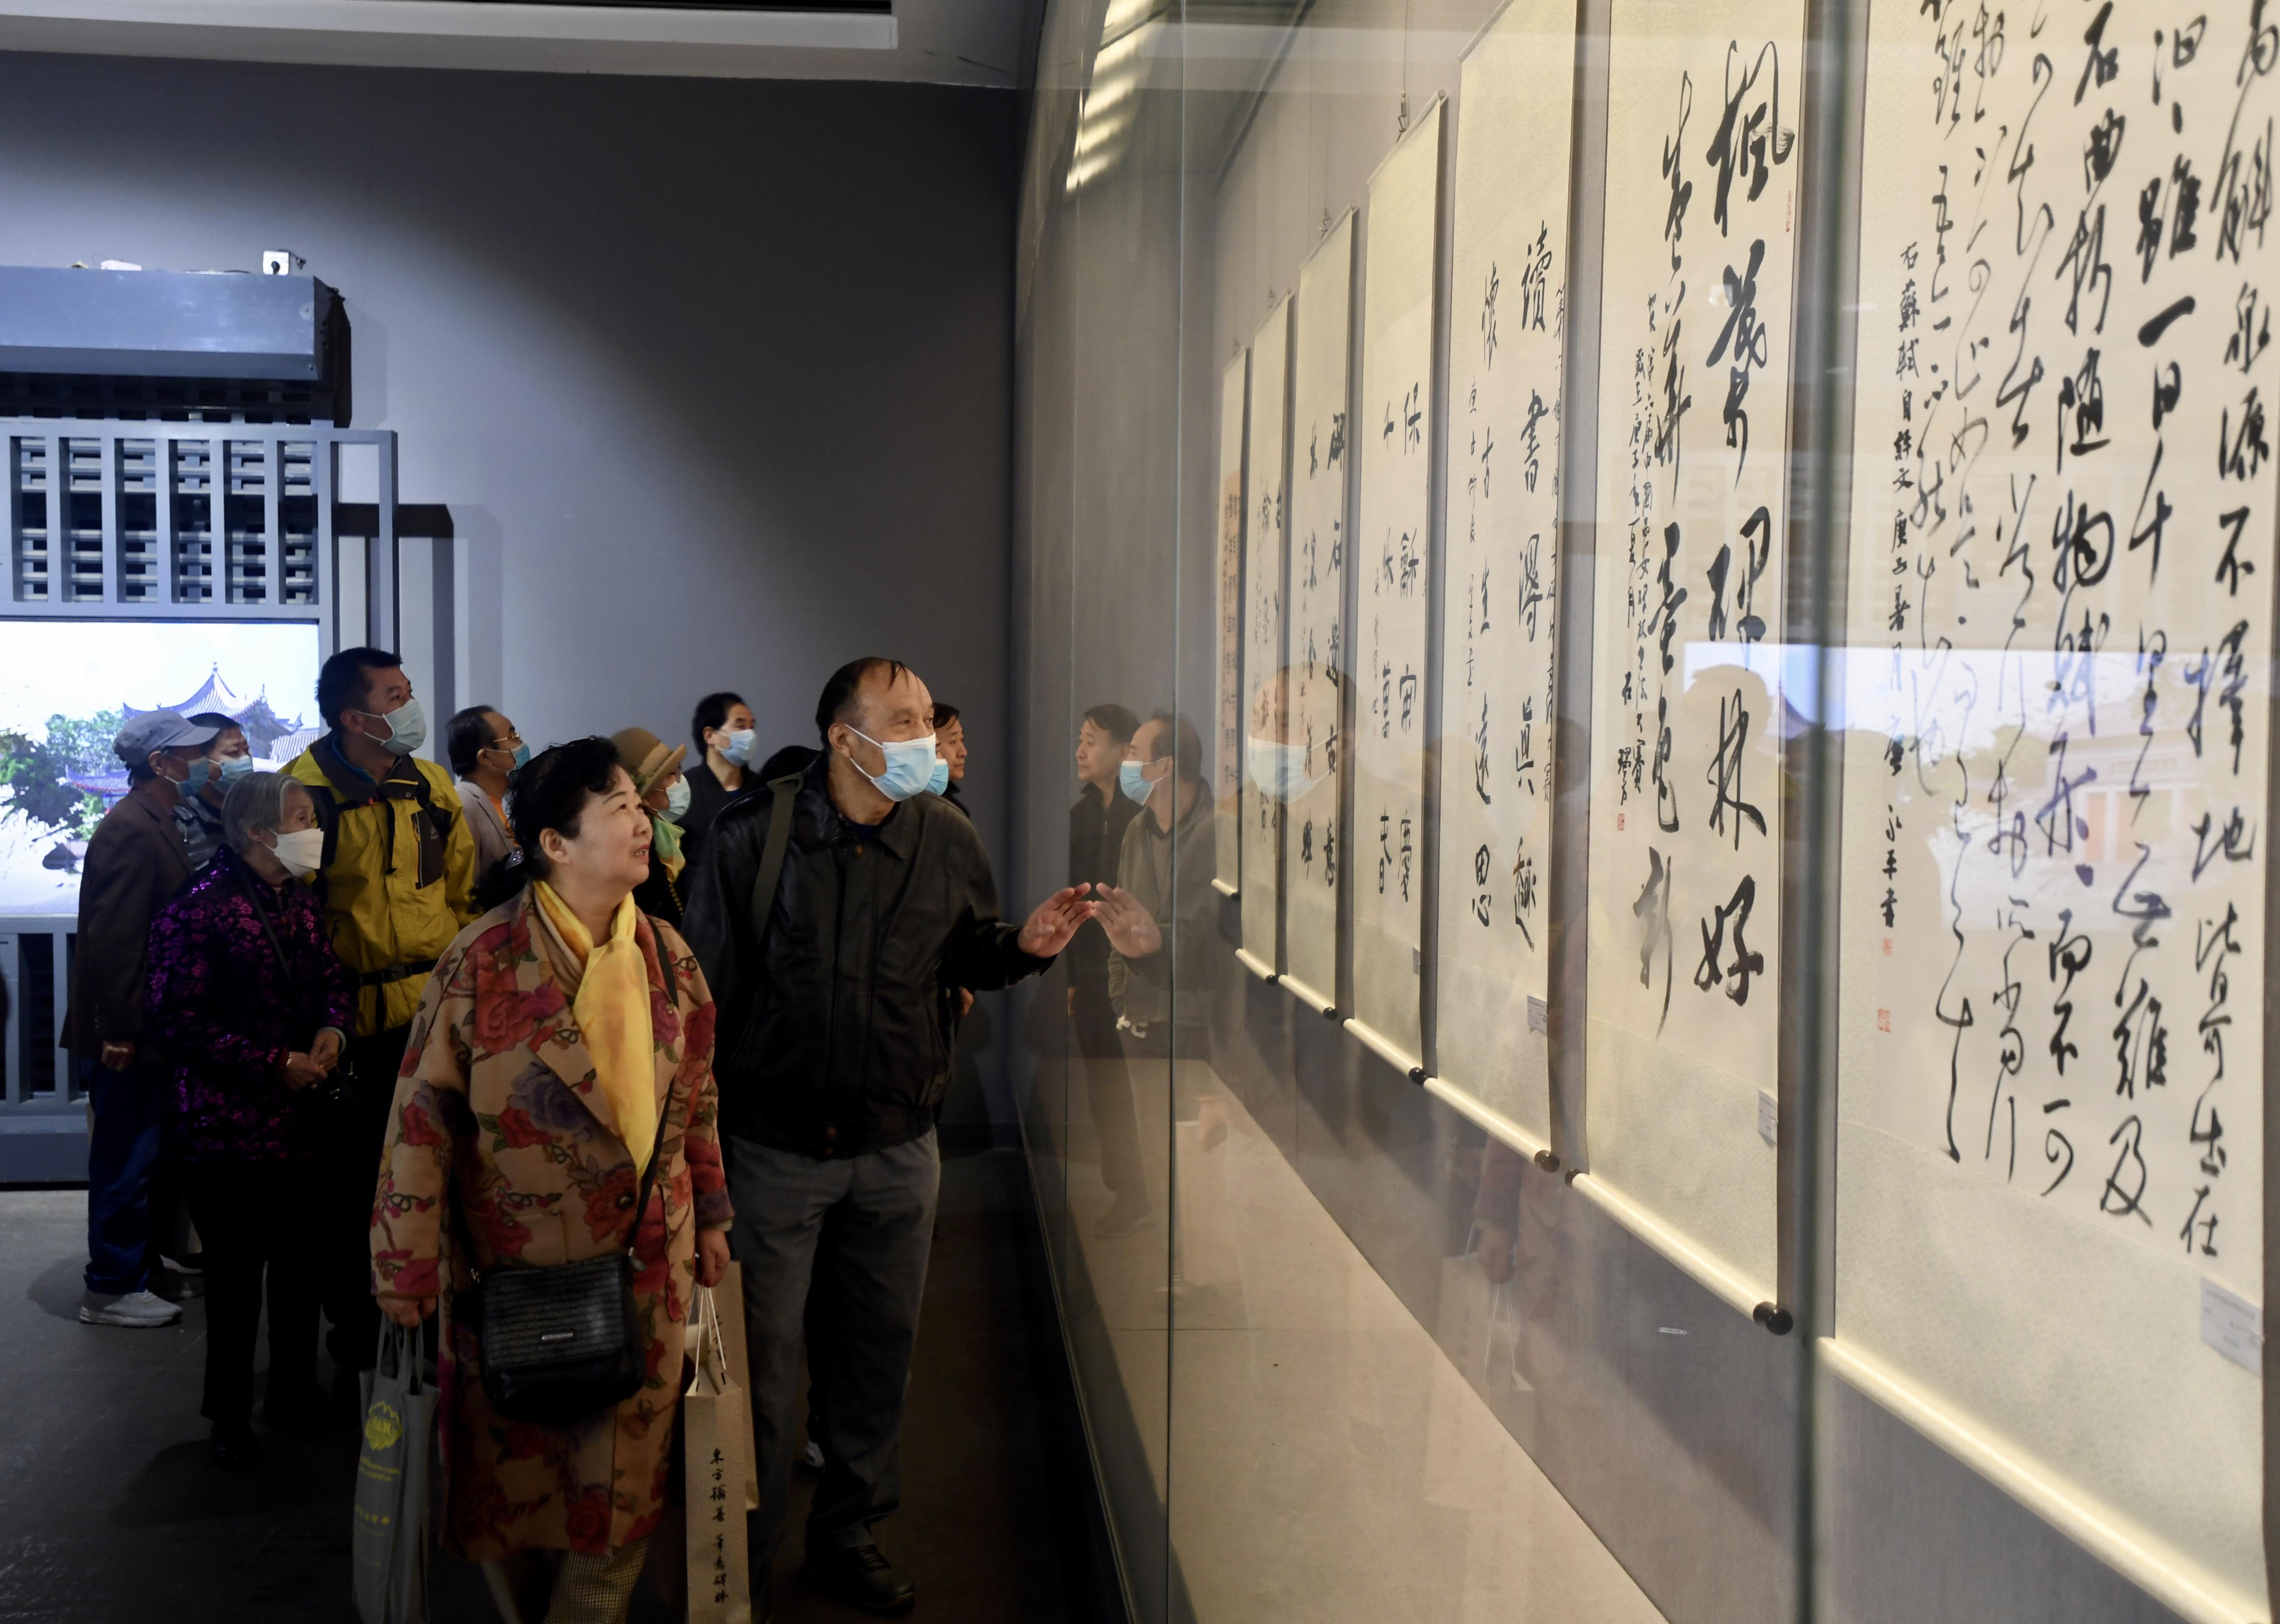 第六届西安碑林书法艺术节开幕……多项书法惠民公益活动开启,邀全市人民共品翰墨之美